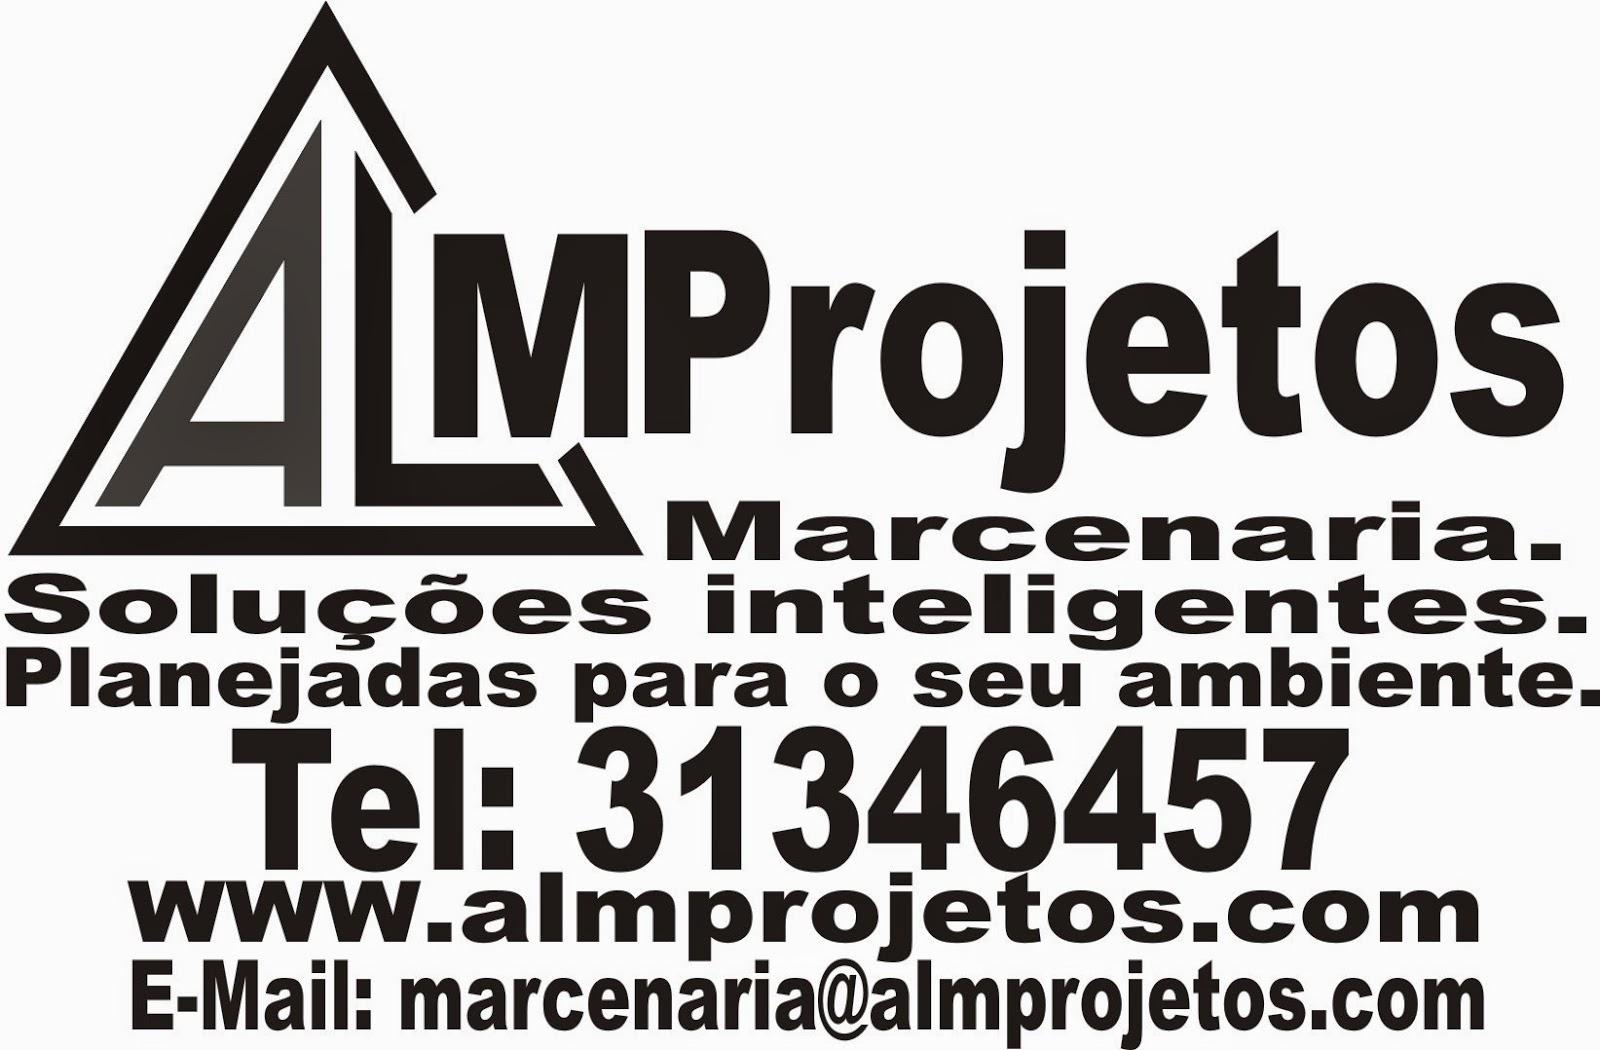 #1F1A18 marcenaria rj marceneiro rj Tel: 31346457 ou 984.663101 (Oi) / 991  1600x1050 px Projeto Cozinha Planejada Online #2665 imagens